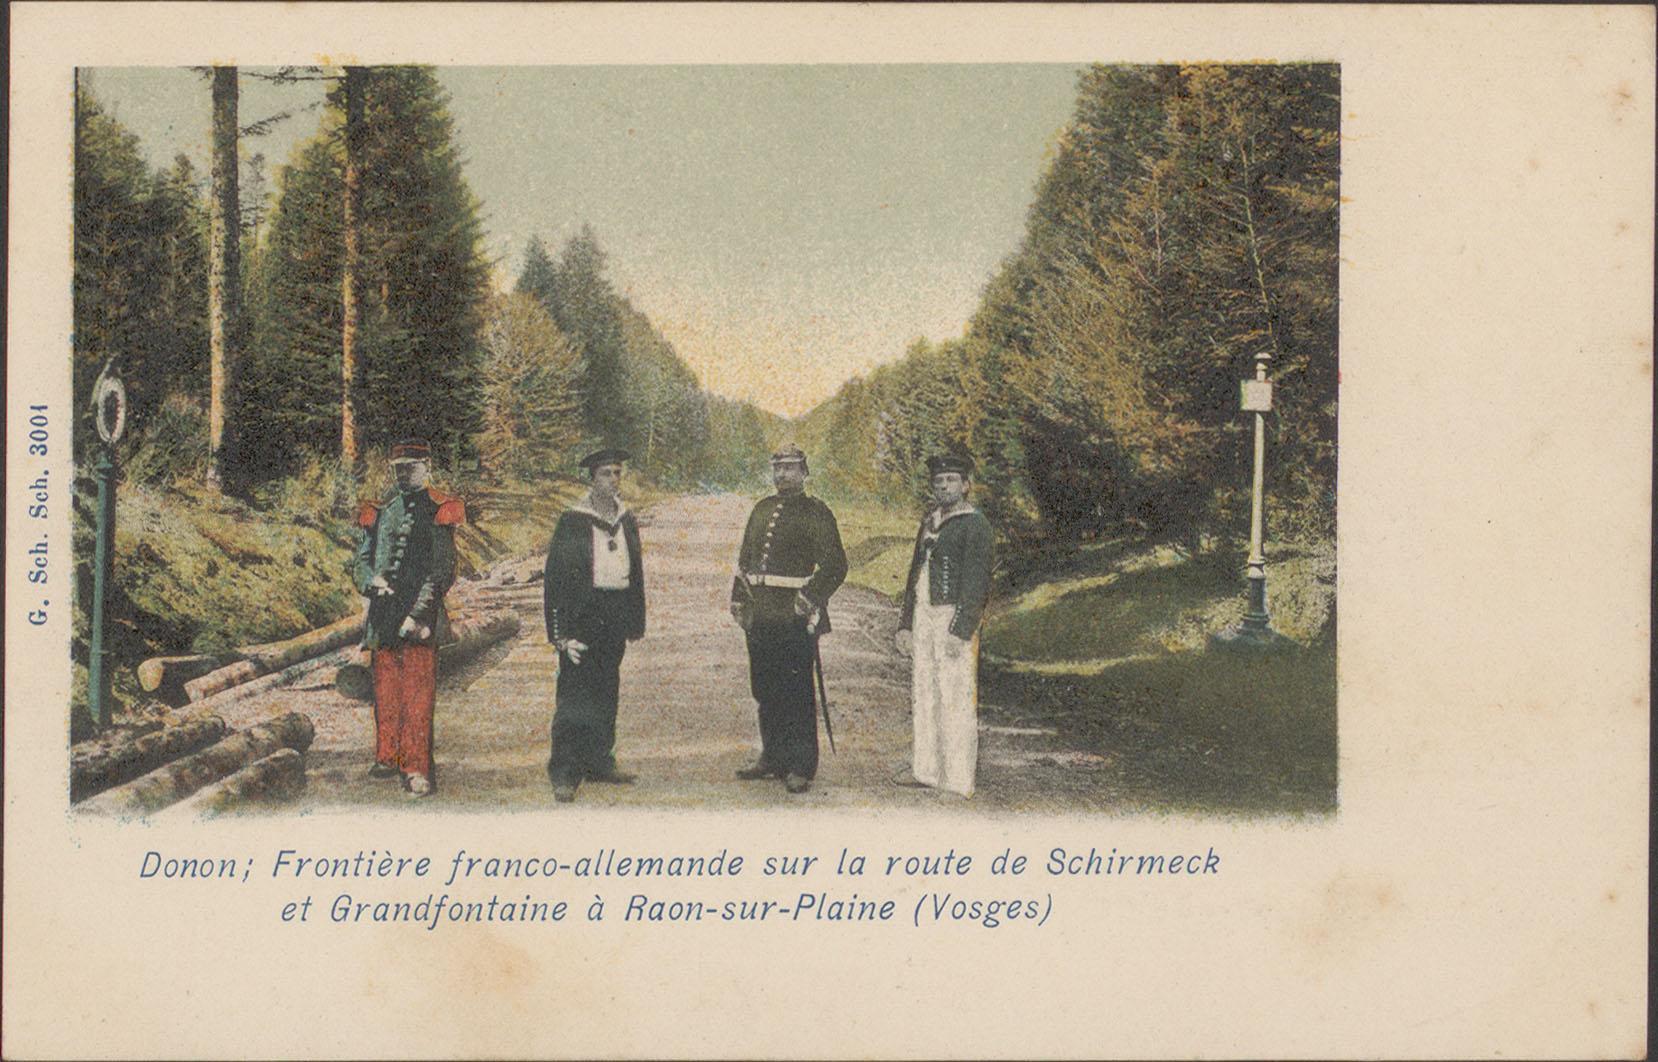 Contenu du Donon, Frontière franco-allemande sur la route de Schmirmeck et Grandfontaine à Raon-sur-Plaine (Vosges)